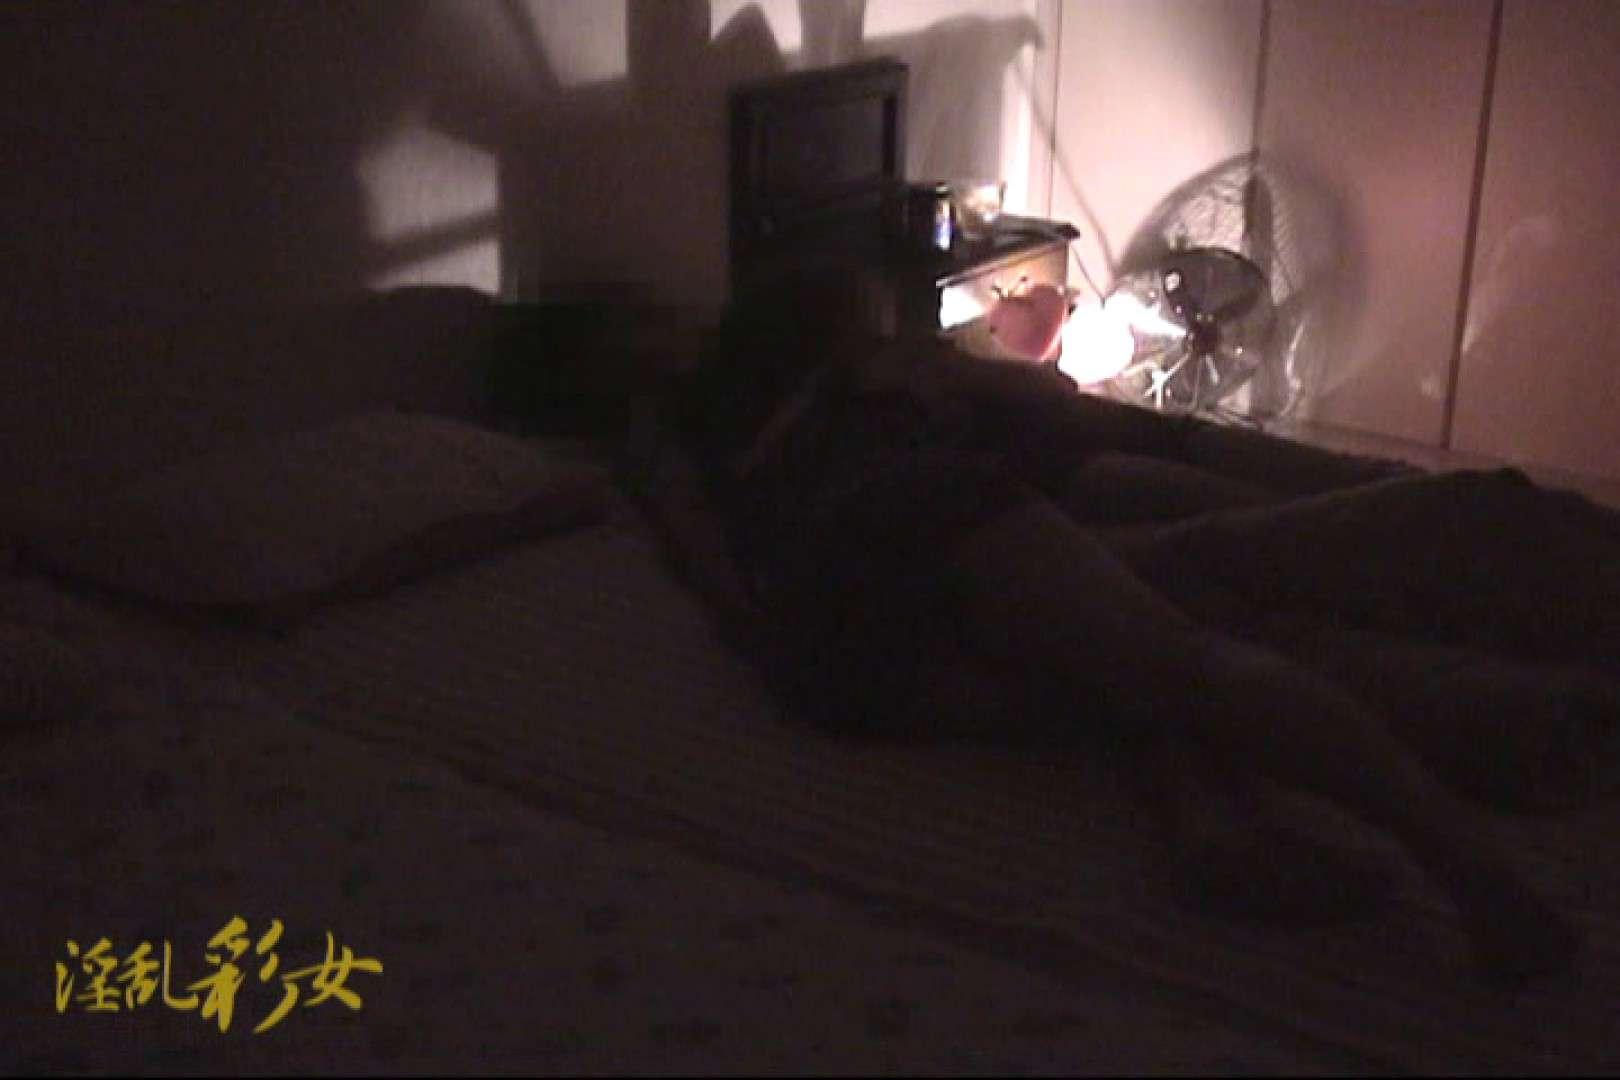 淫乱彩女 麻優里 禁断の彼氏 SEX映像 | 一般投稿  110pic 49